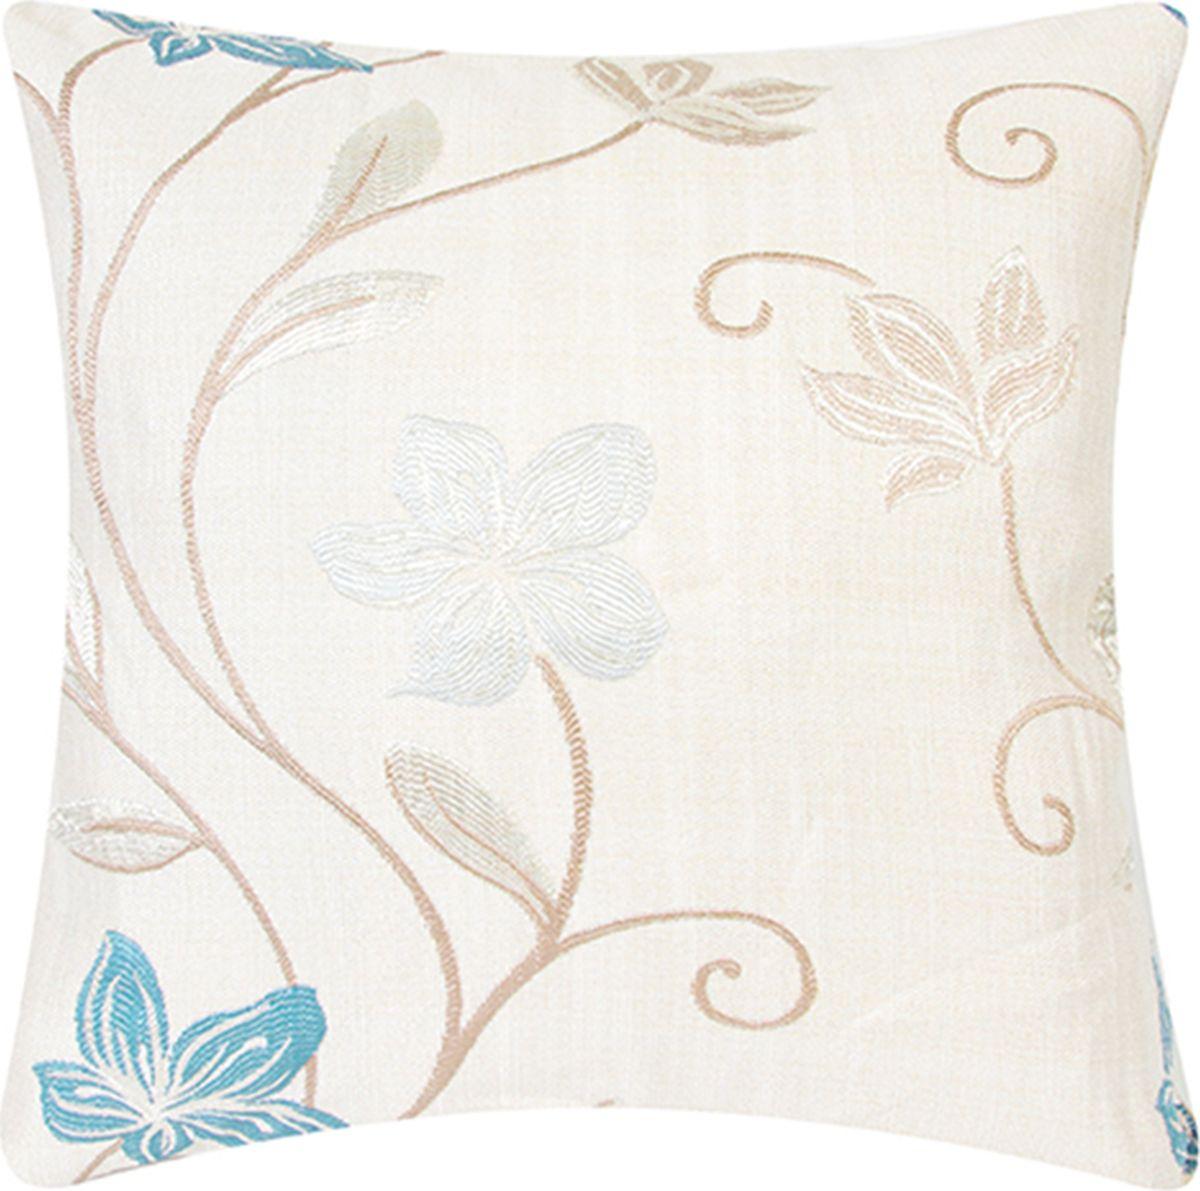 Подушка декоративная EL Casa Вьюнки, цвет: голубой, бирюзовый, 43 x 43 см. 171725171725Декоративная подушка прекрасно дополнит интерьер спальни или гостиной. Состав наволочки: искусственный шелк. Она легко снимается, благодаря молнии. Внутри подушки находится мягкий наполнитель.